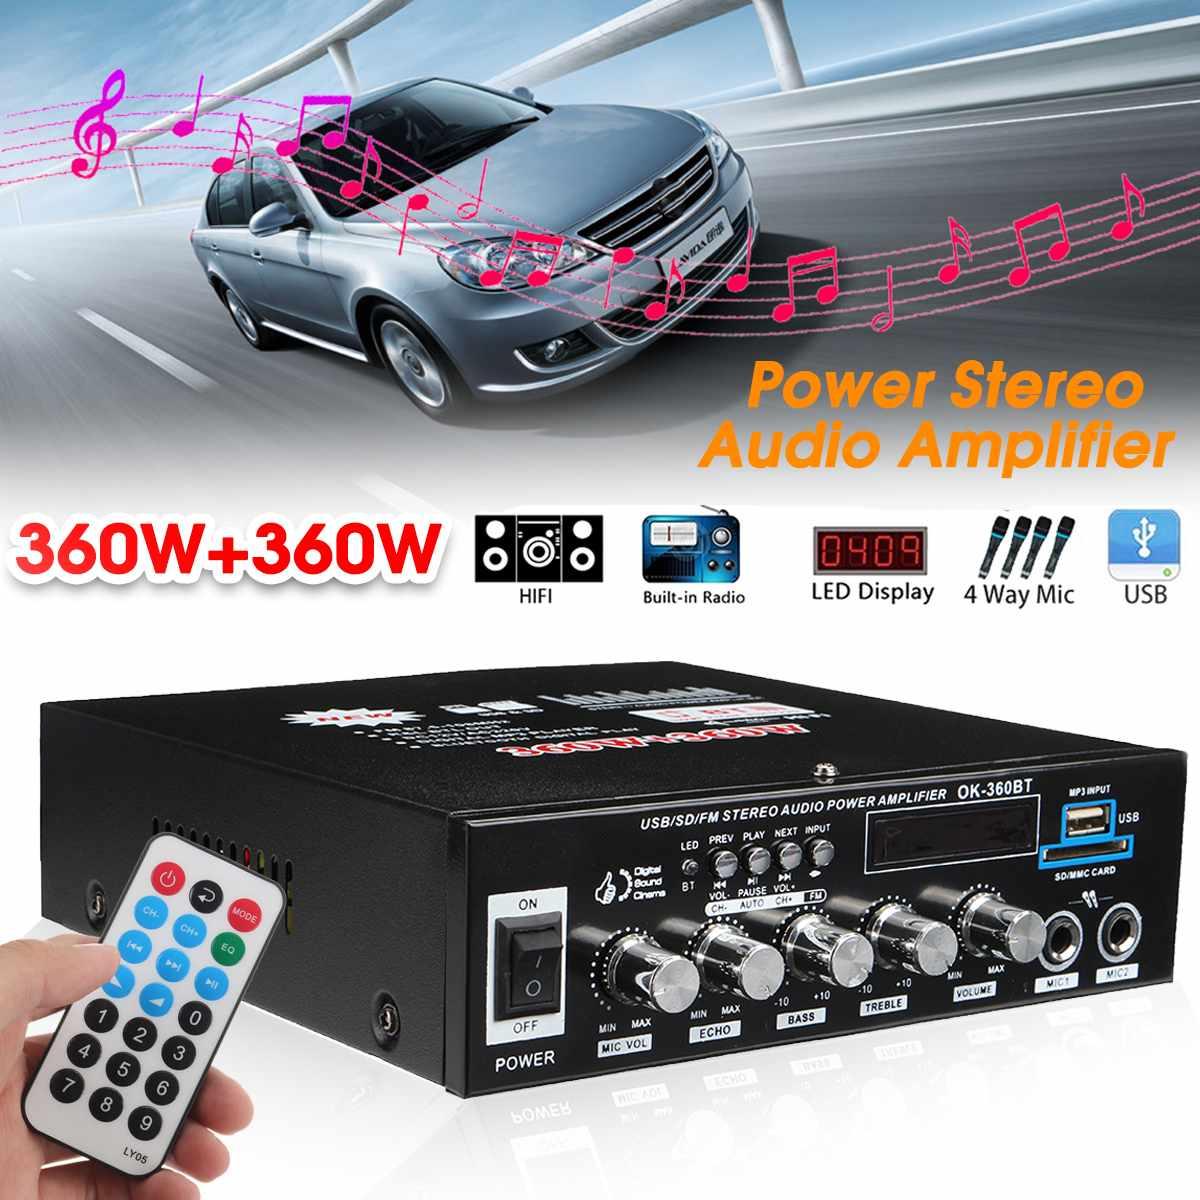 CLAITE 360 Вт + 360 Вт мощность стерео аудио усилитель 12 В/220 В музыкальный плеер bluetooth FM USB SD домашний кинотеатр усилители вечерние кинотеатр KTV